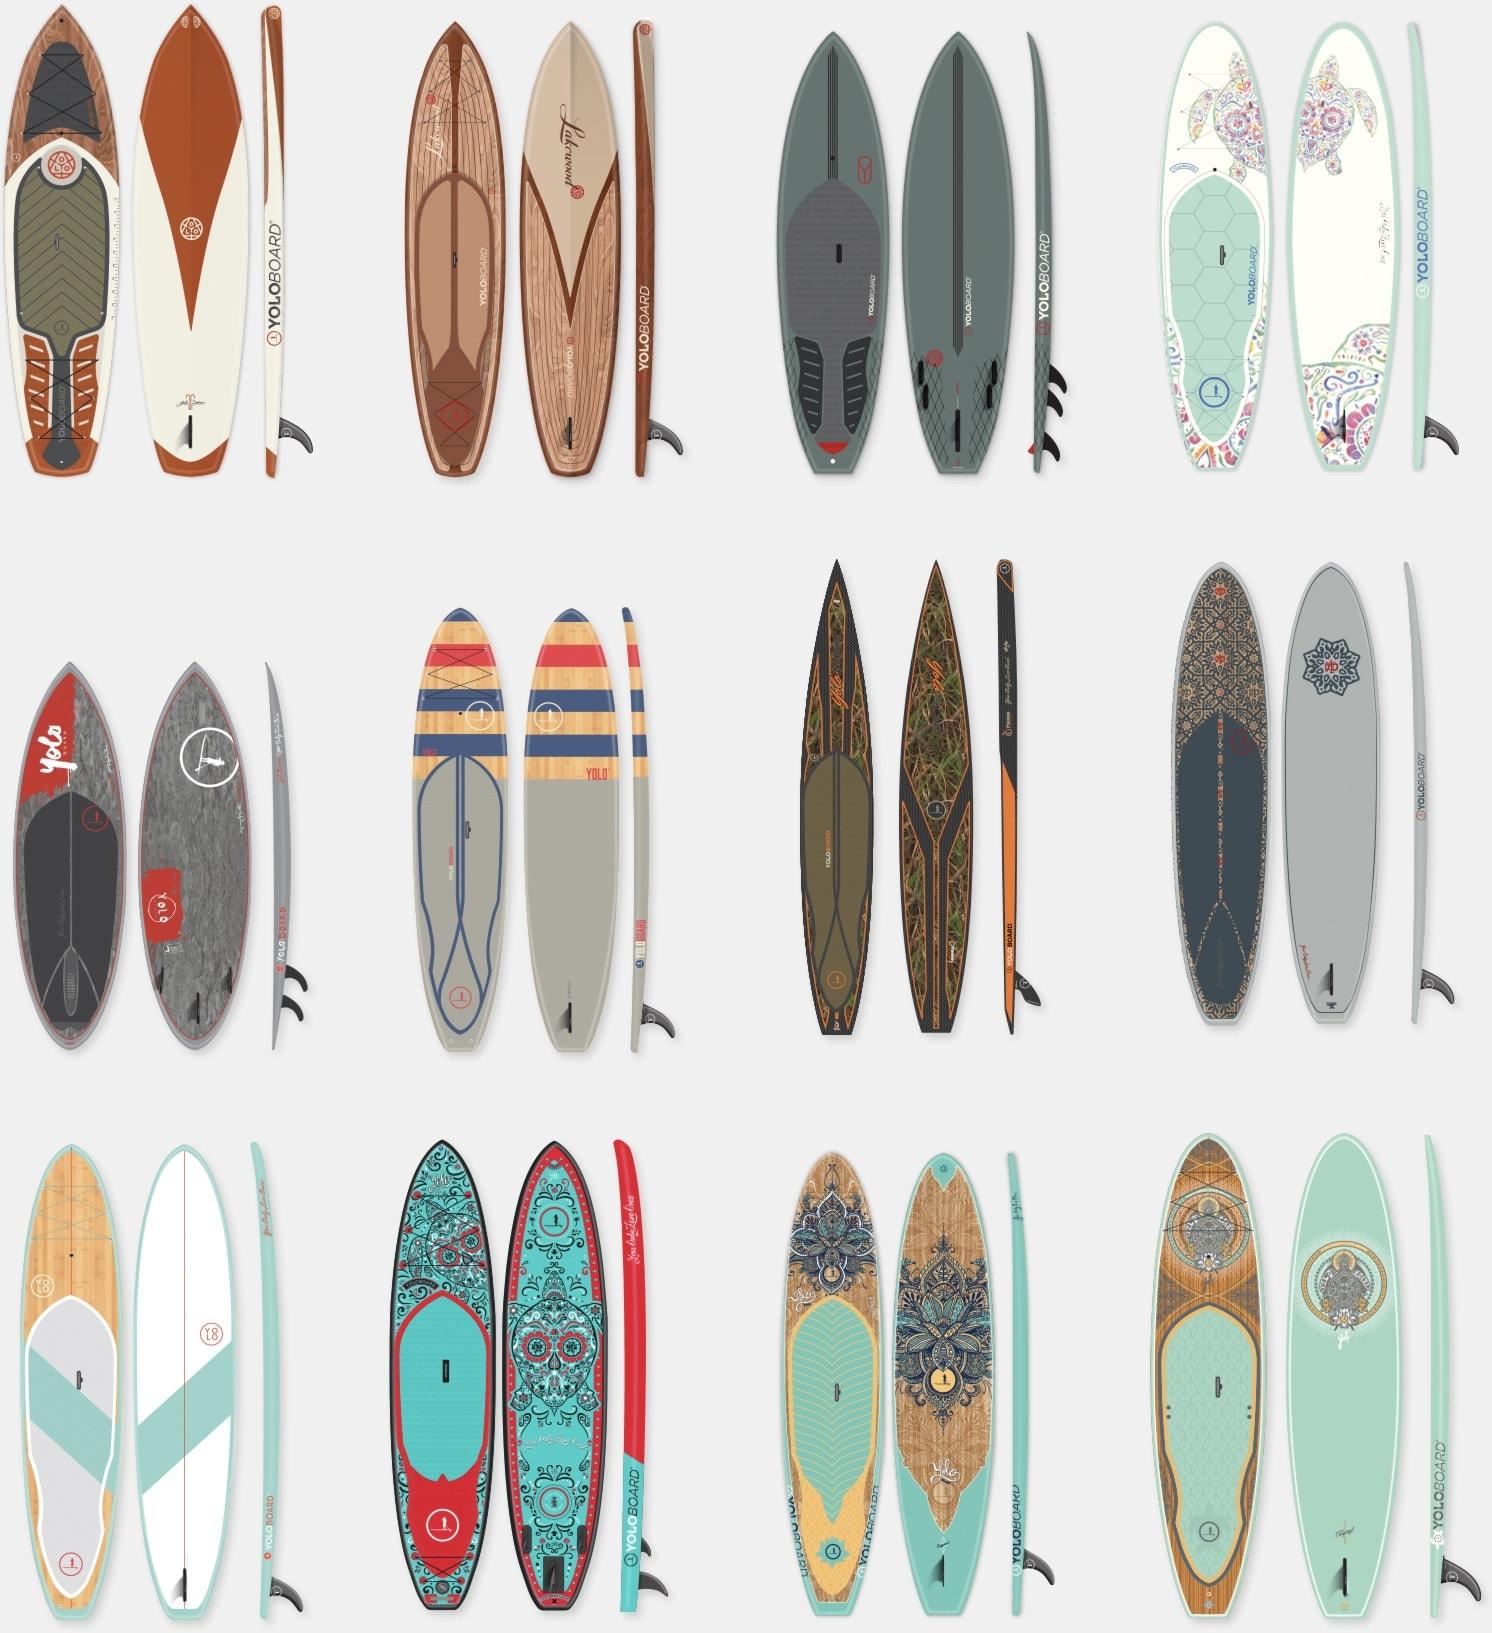 yolo-10-boards